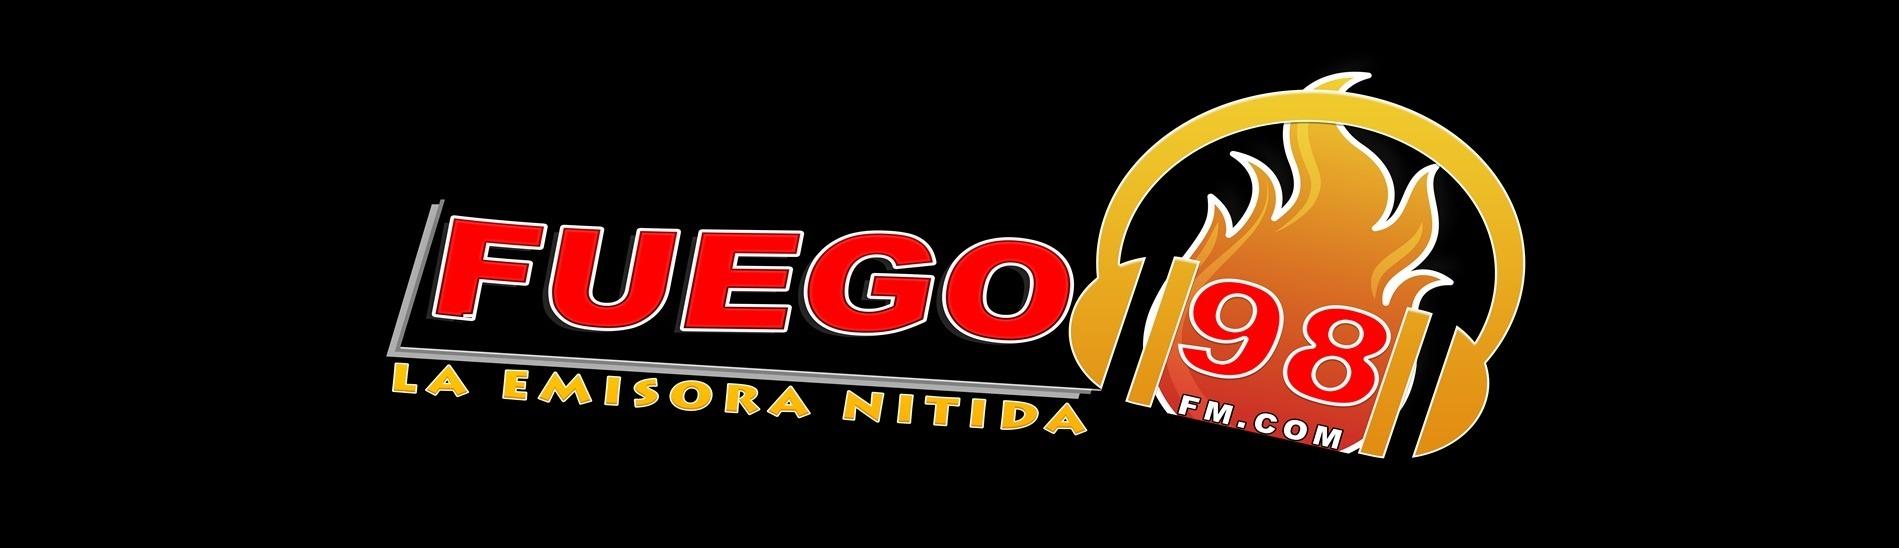 FUEGO98FM.COM_